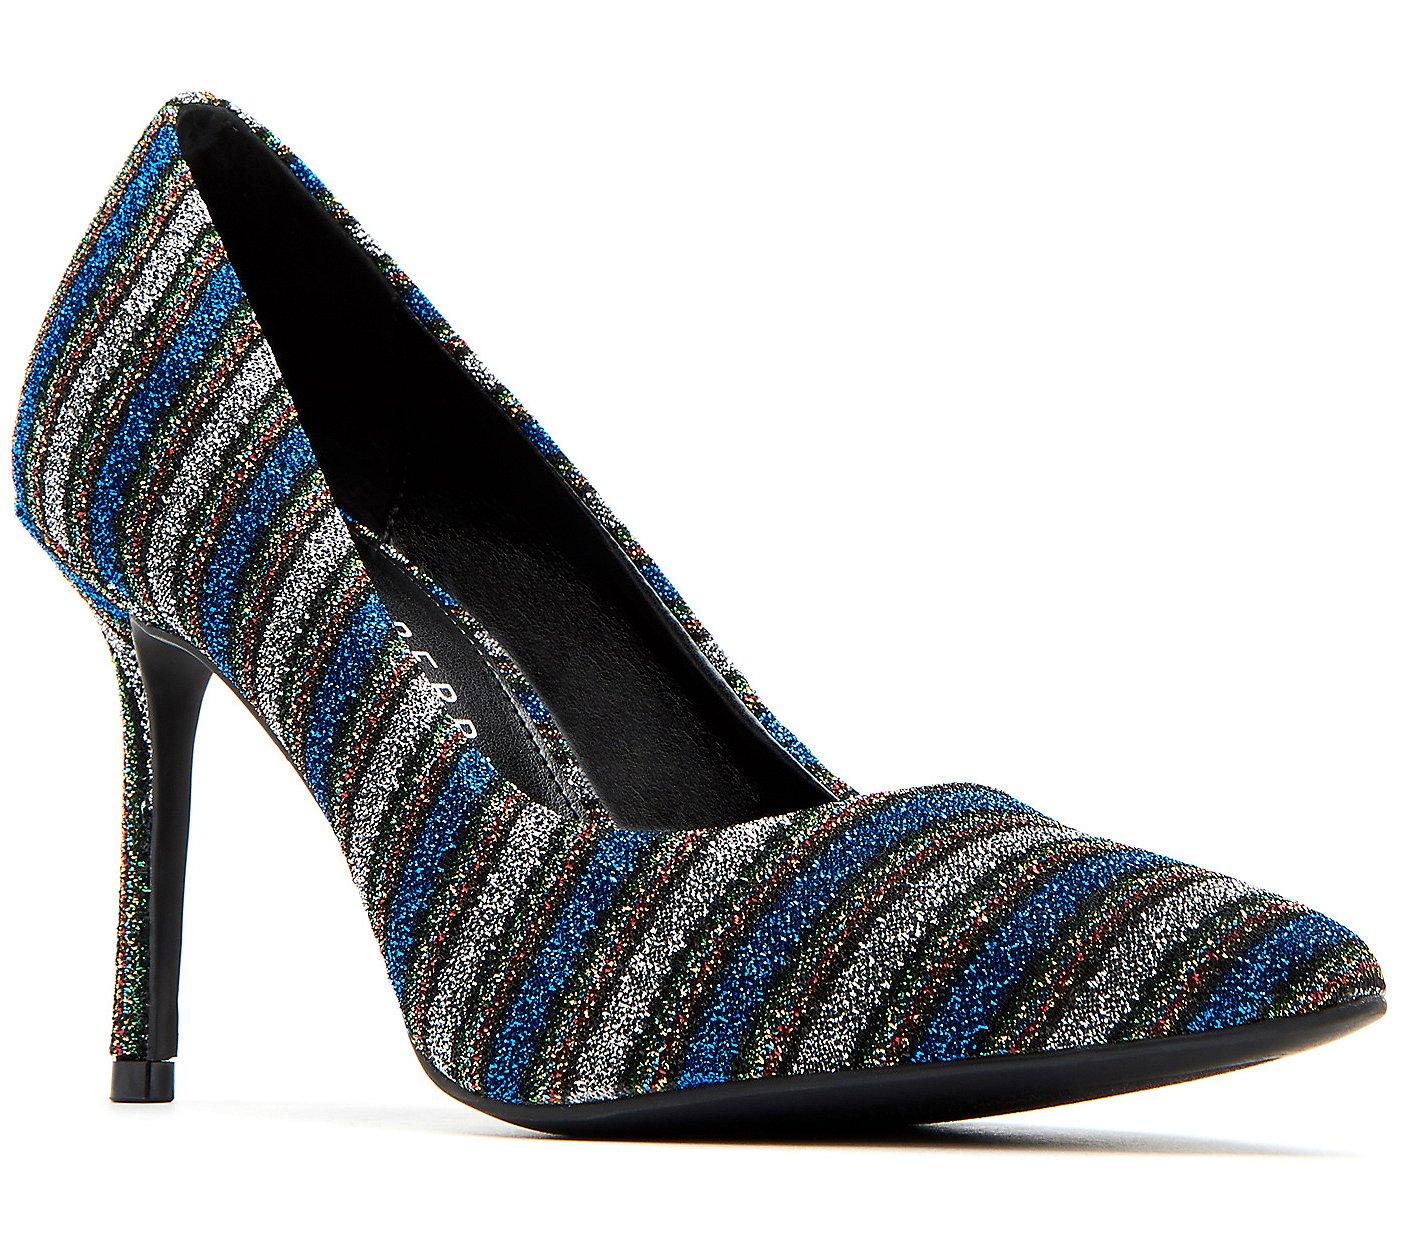 katy perry, heels